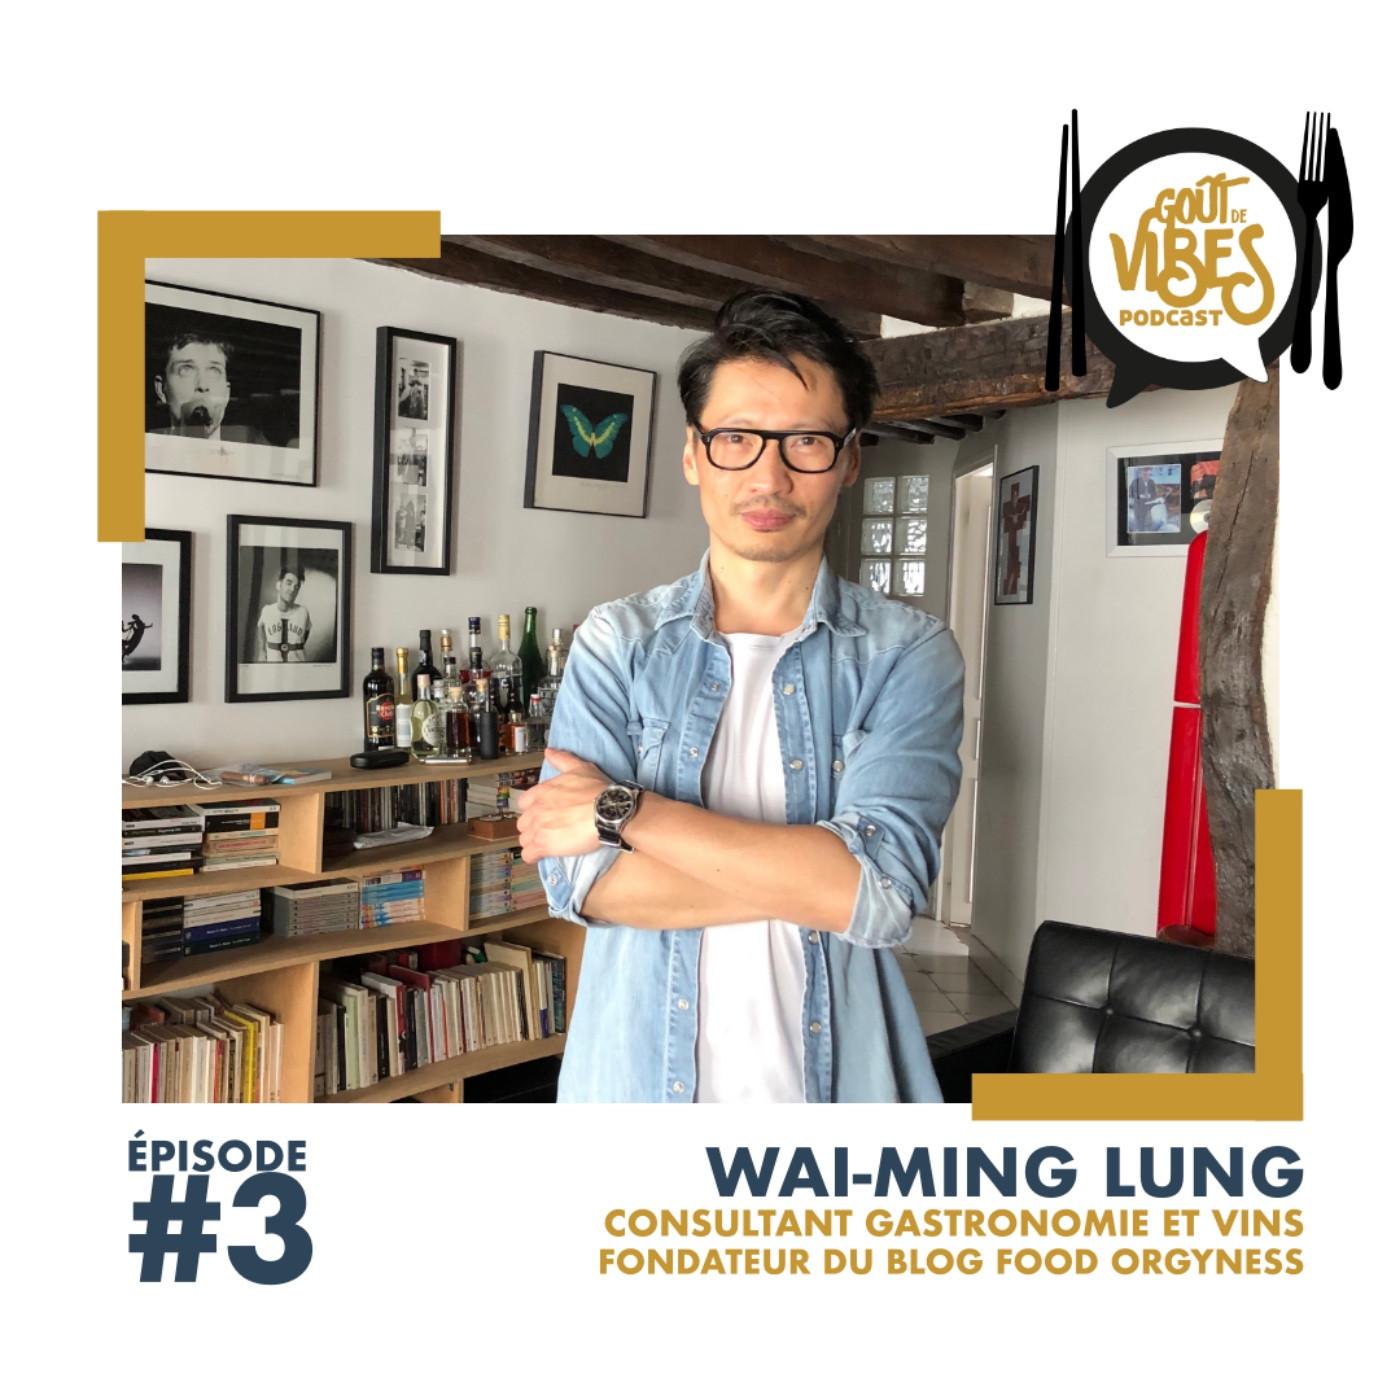 (#3) Wai-Ming Lung, consultant culinaire et vins, fondateur du blog Orgyness